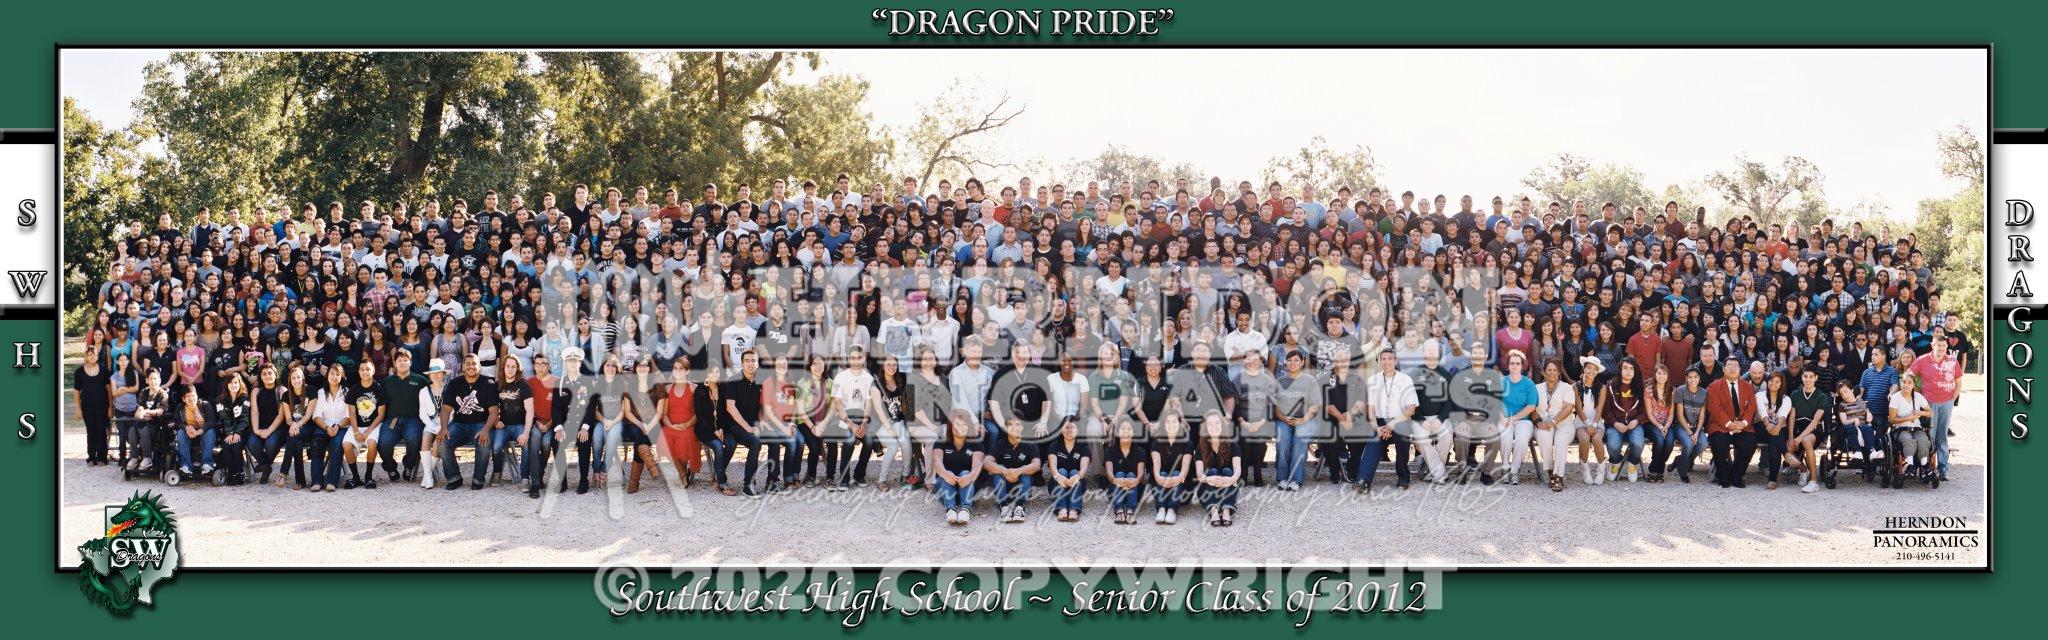 Southwest-High-School